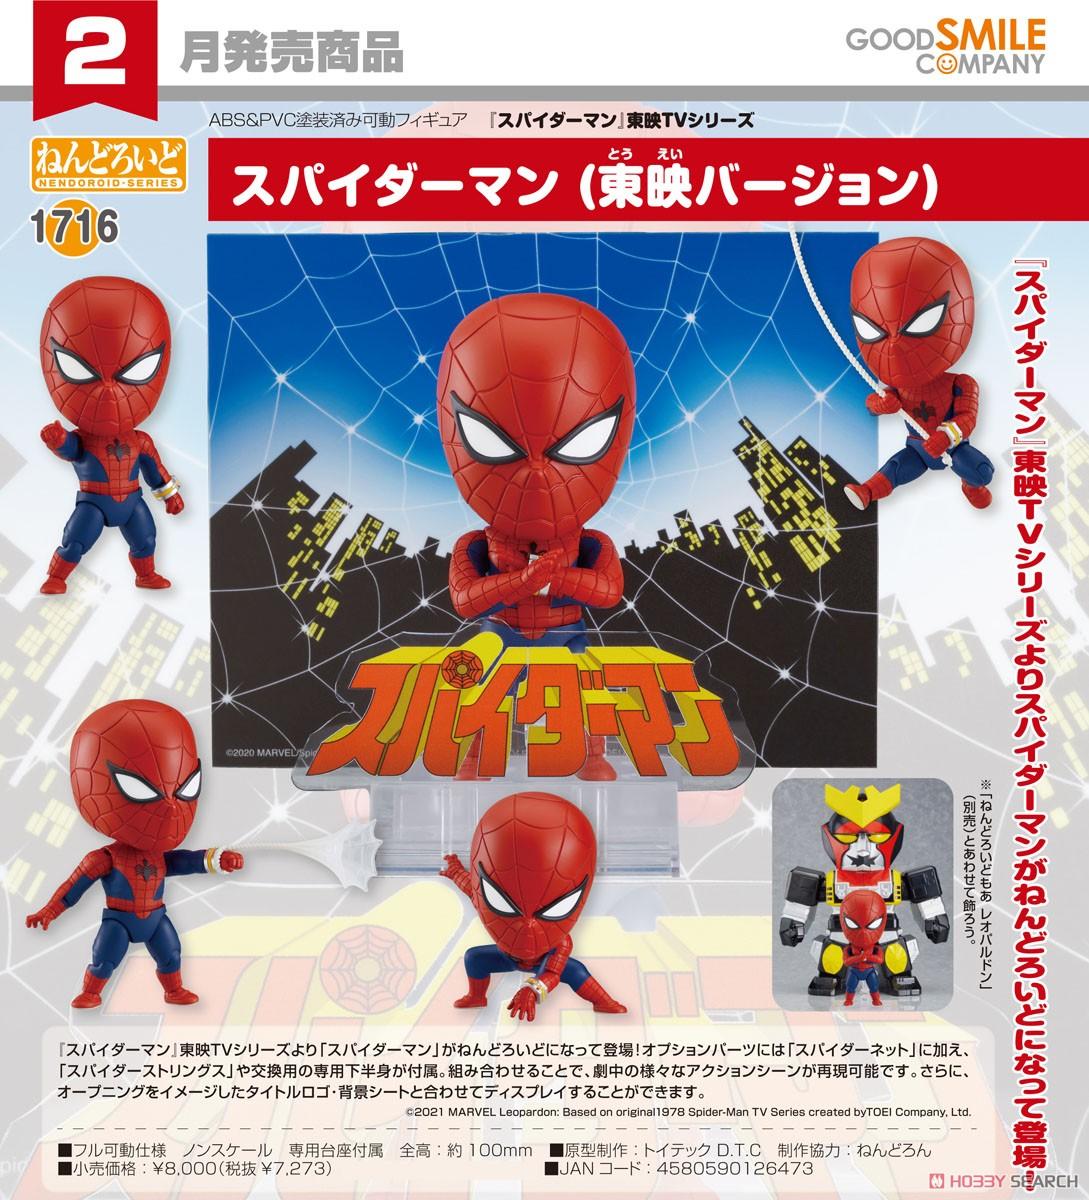 ねんどろいどもあ『レオパルドン』スパイダーマン 完成品フィギュア-012